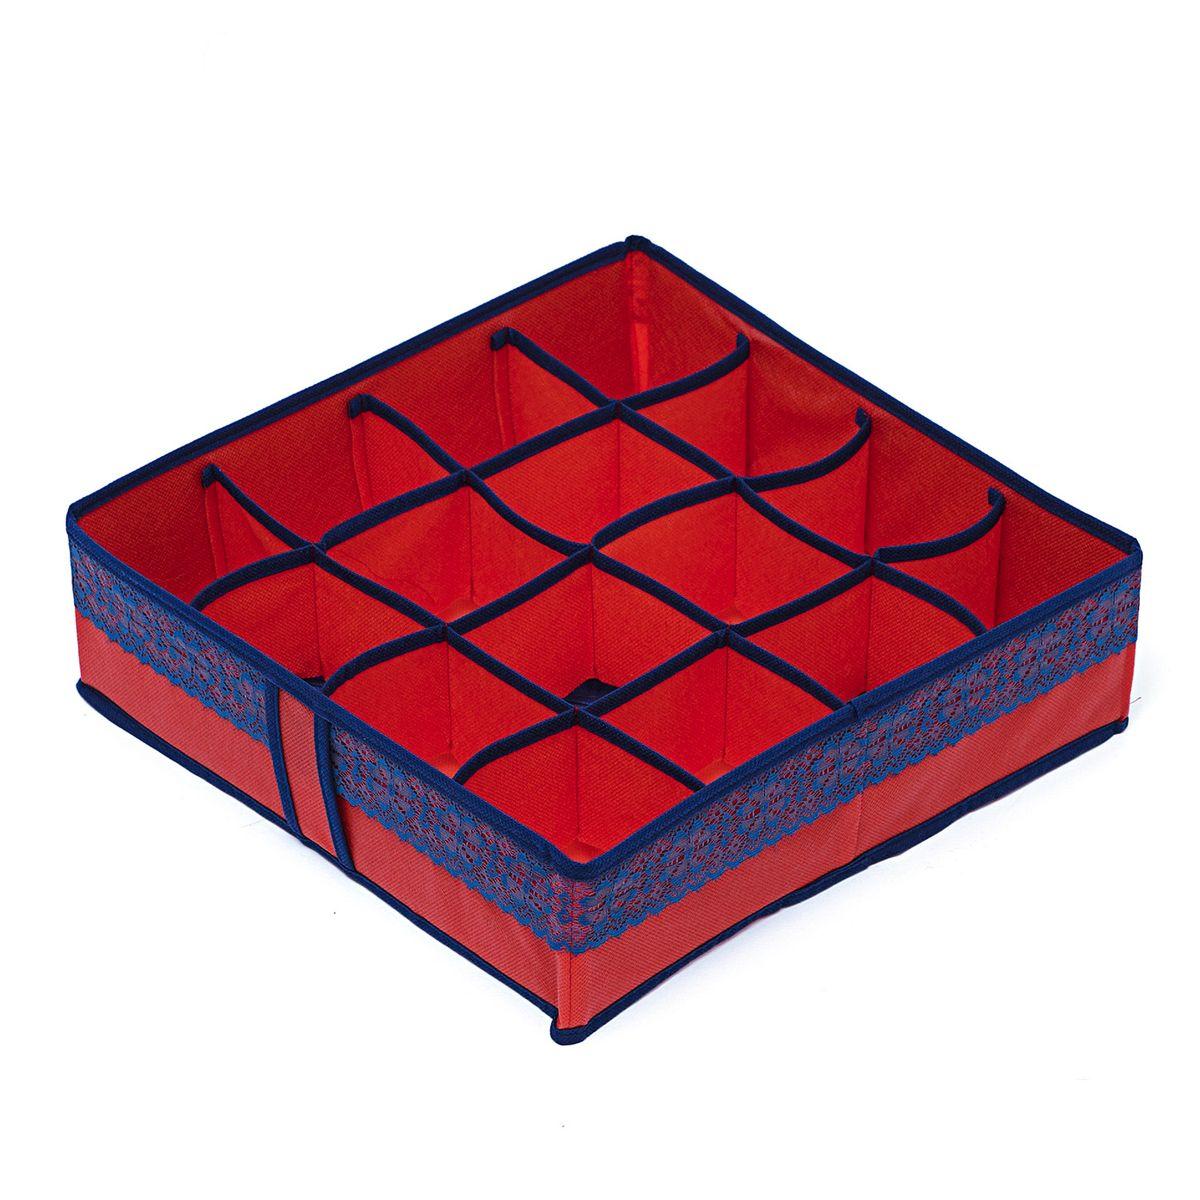 Органайзер для хранения вещей Homsu Rosso, 16 ячеек, 35 x 35 x 10 смCLP446Компактный органайзер Homsu Rosso изготовлен из высококачественного полиэстера, который обеспечивает естественную вентиляцию. Материал позволяет воздуху свободно проникать внутрь, но не пропускает пыль. Органайзер отлично держит форму, благодаря вставкам из плотного картона. Изделие имеет 16 квадратных секций для хранения нижнего белья, колготок, носков и другой одежды.Такой органайзер позволит вам хранить вещи компактно и удобно, а оригинальный дизайн сделает вашу гардеробную красивой и невероятно стильной.